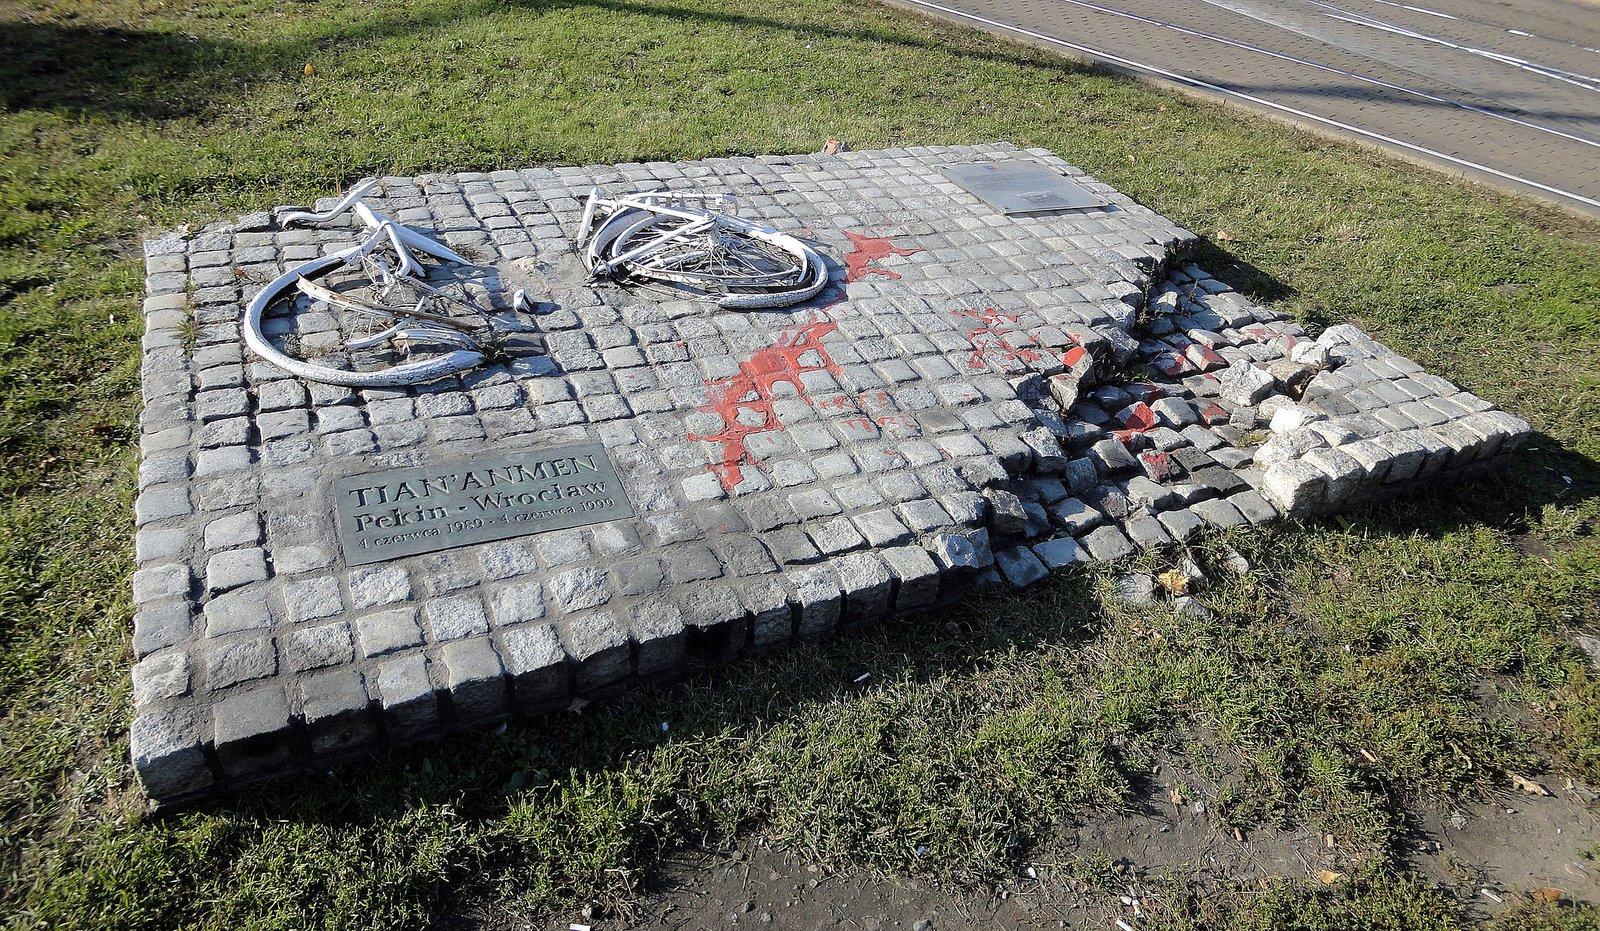 Replika zniszczonego w1989 przez komunistów pomnika we Wrocławiu poświęconego masakrze na placu Tian'anmen z4 czerwca 1989. Autor repliki: Marek Stanielewicz. Autorzy oryginału: Igor Wójcik, Joanna Czarnecka